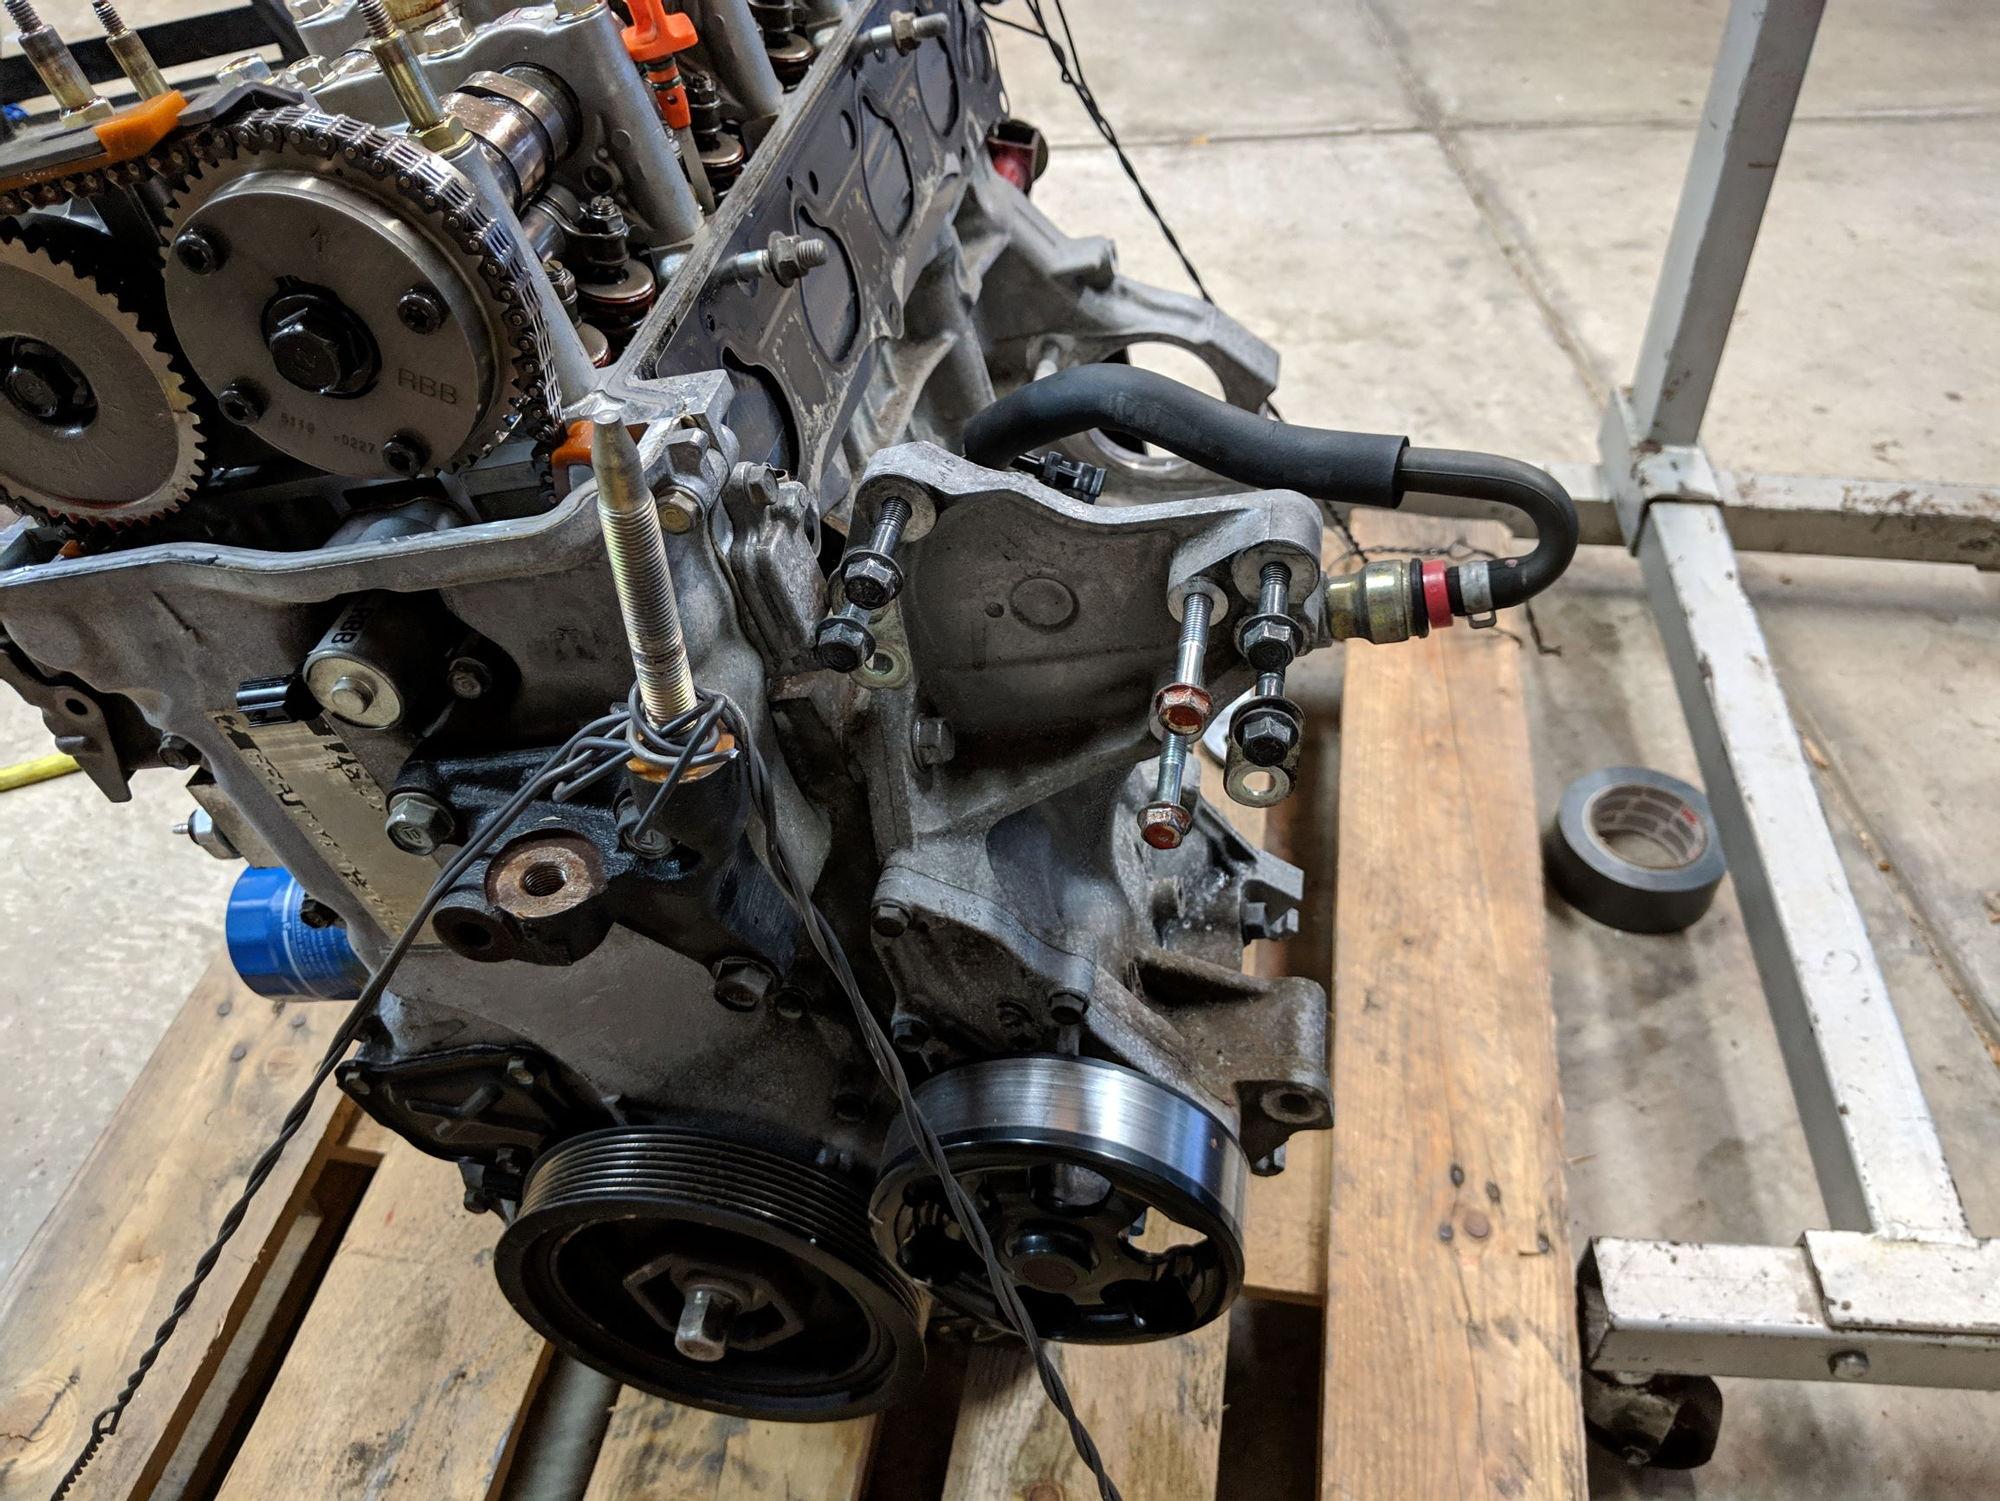 Dan's K24 street car project - Miata Turbo Forum - Boost cars